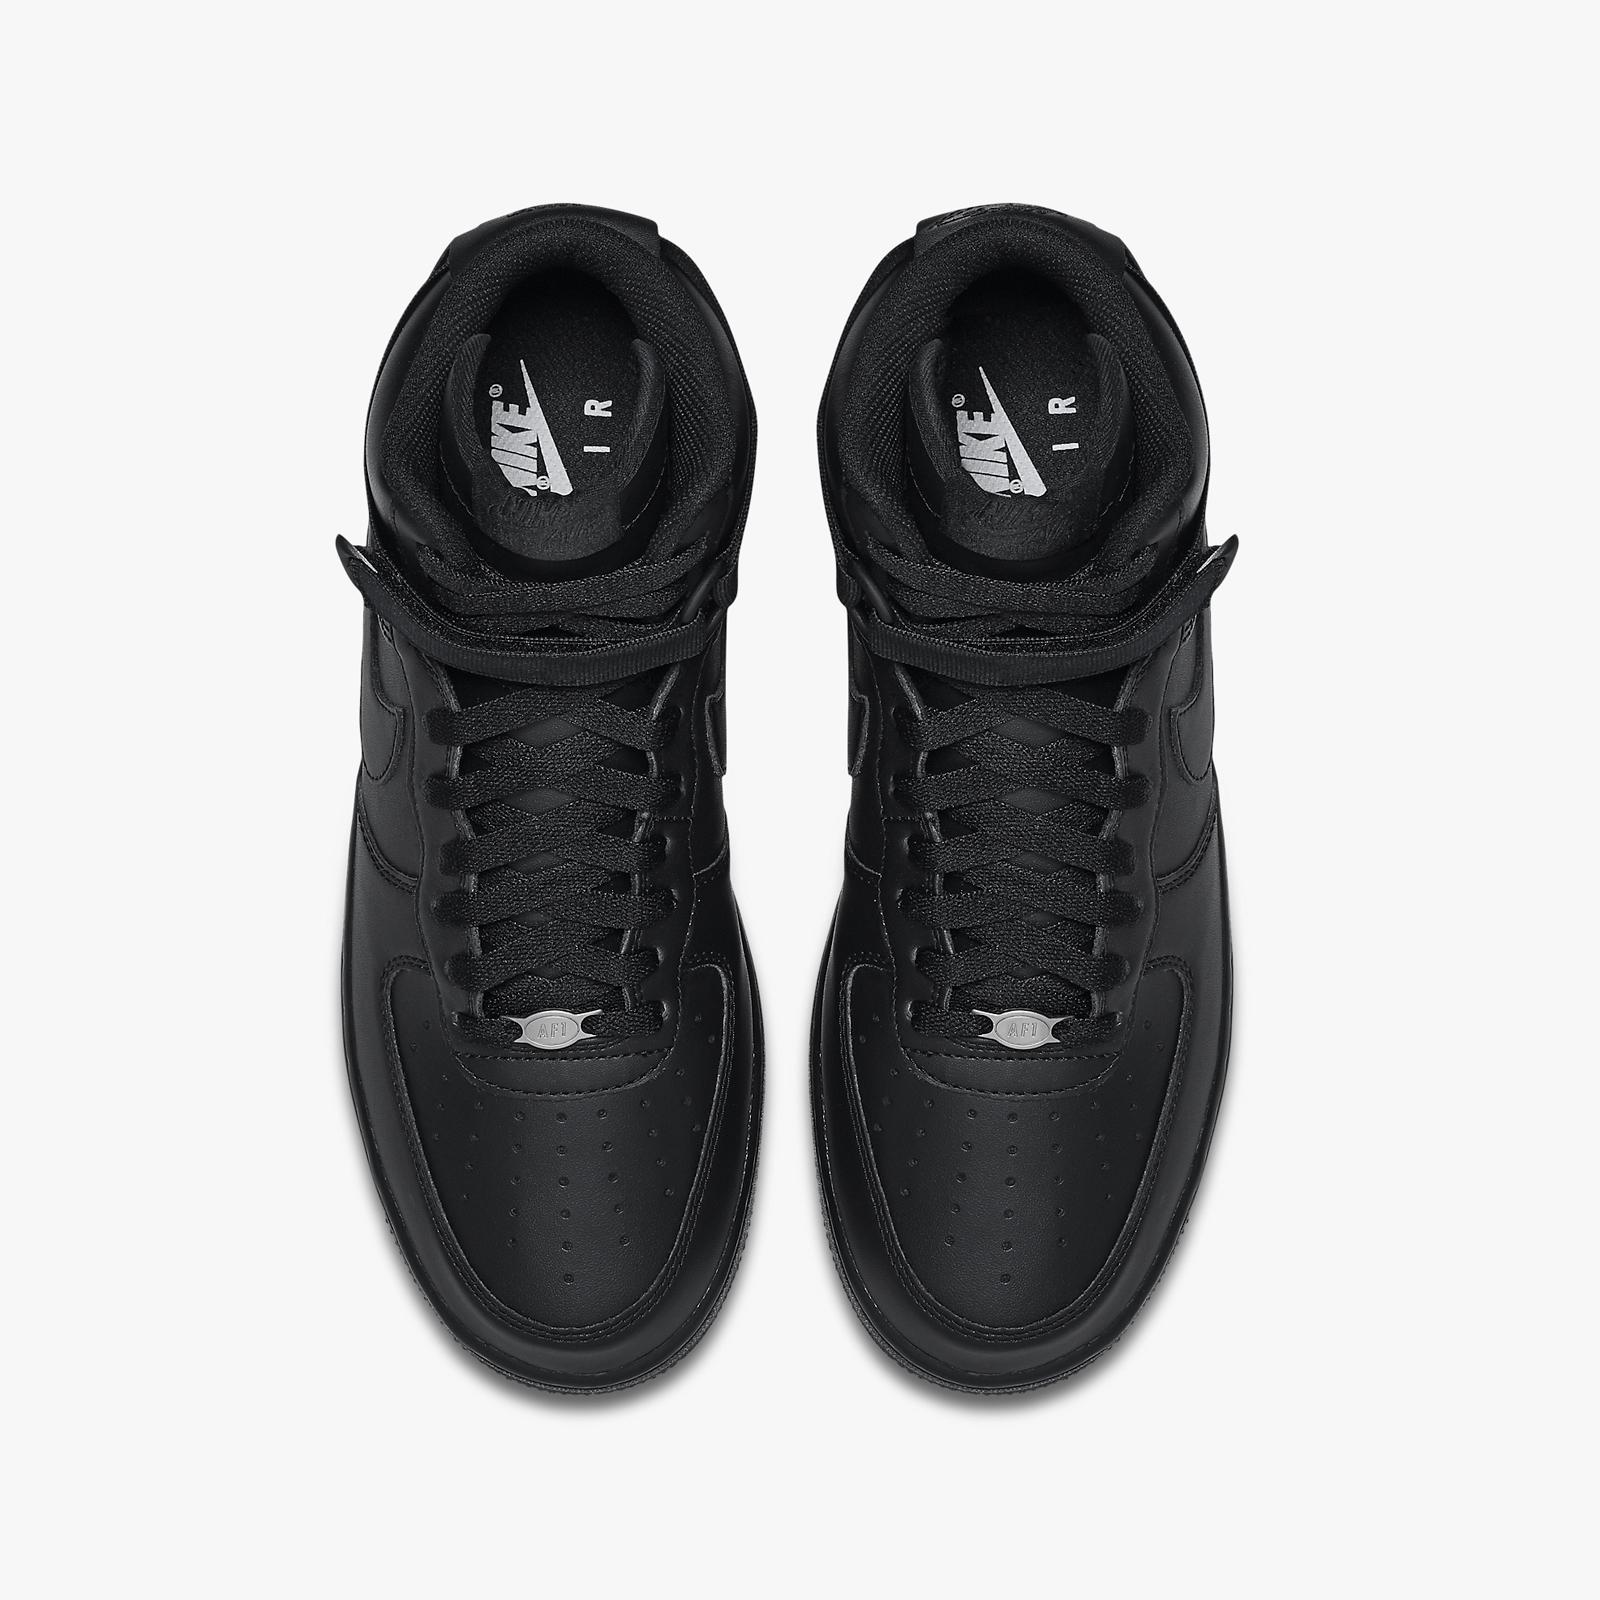 reputable site ef173 046bc Nike Air Force 1 High 07 - 315121-032 - Sneakersnstuff | sneakers ...